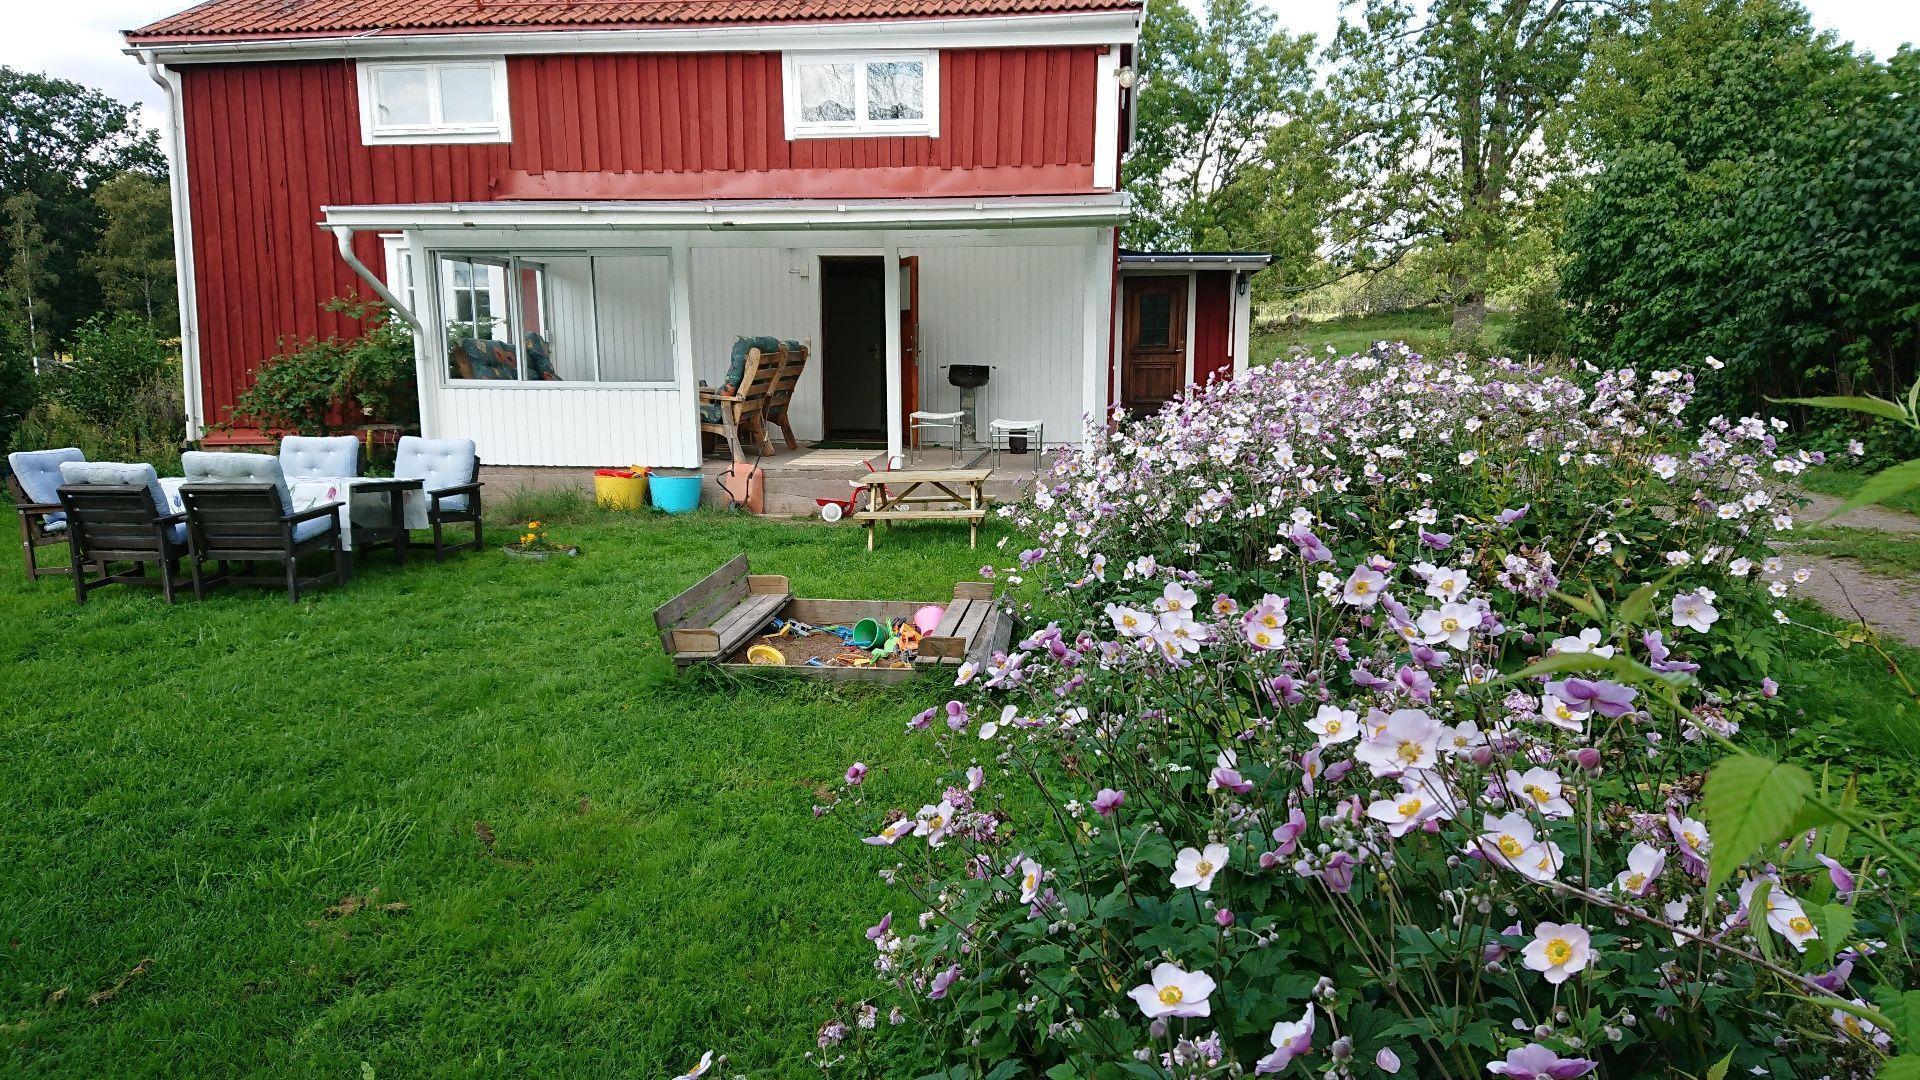 Ferienhaus für 8 Personen ca 100 m² in Vimmerby Südschweden Vimmerby und Umgebung